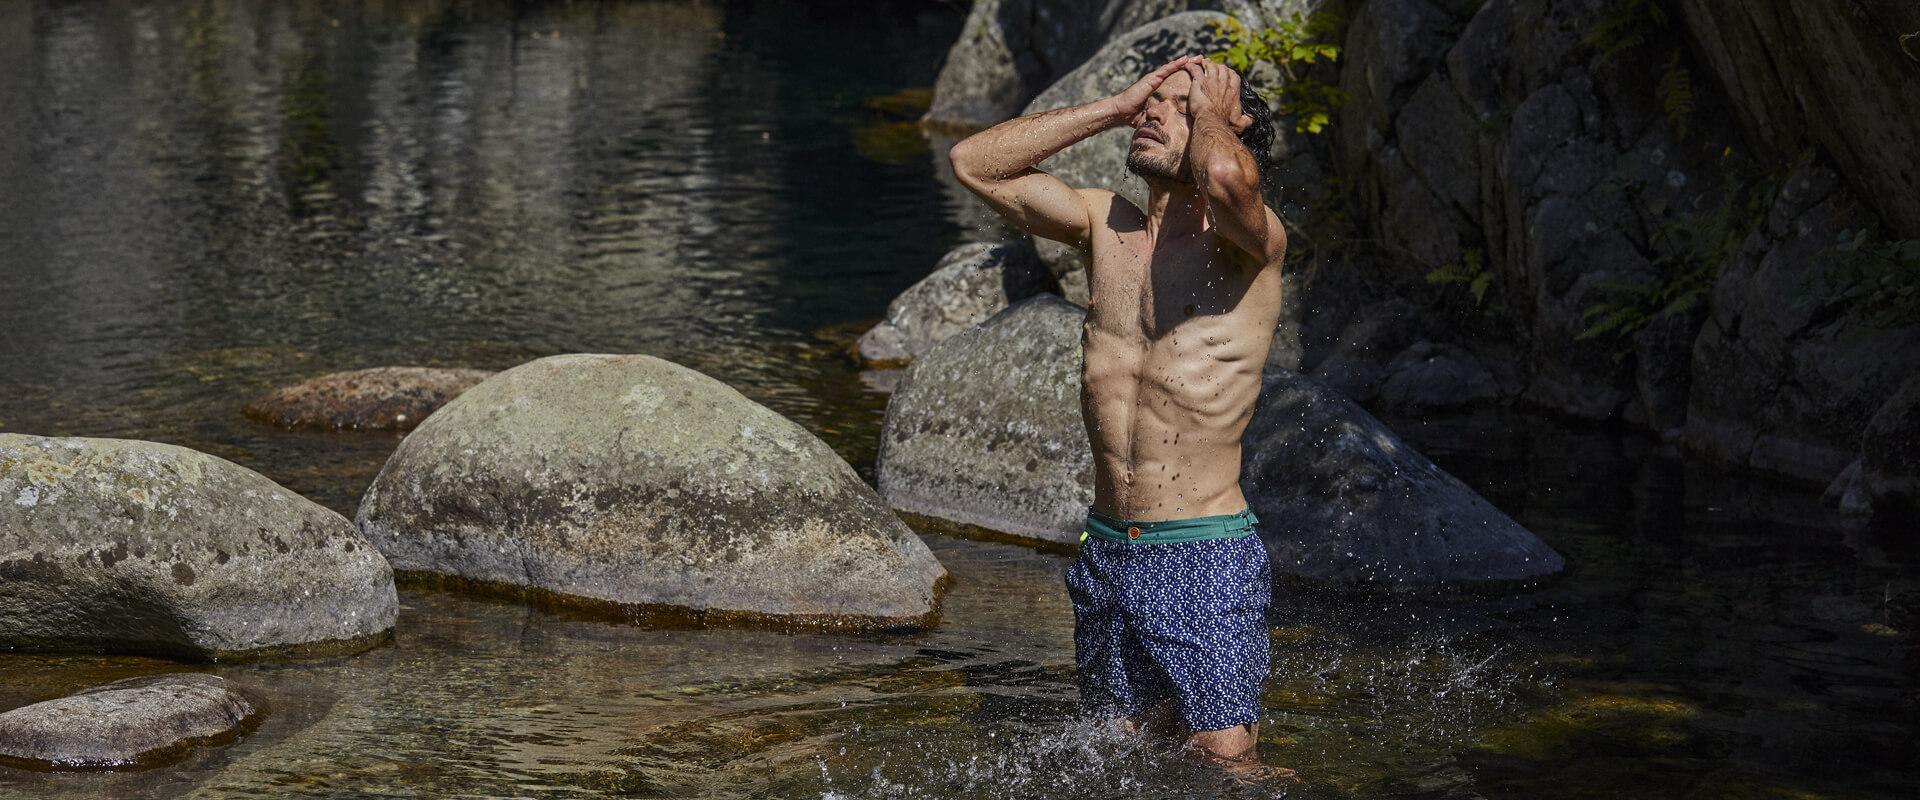 Choisir un bon maillot de bain homme : conseils pratiques